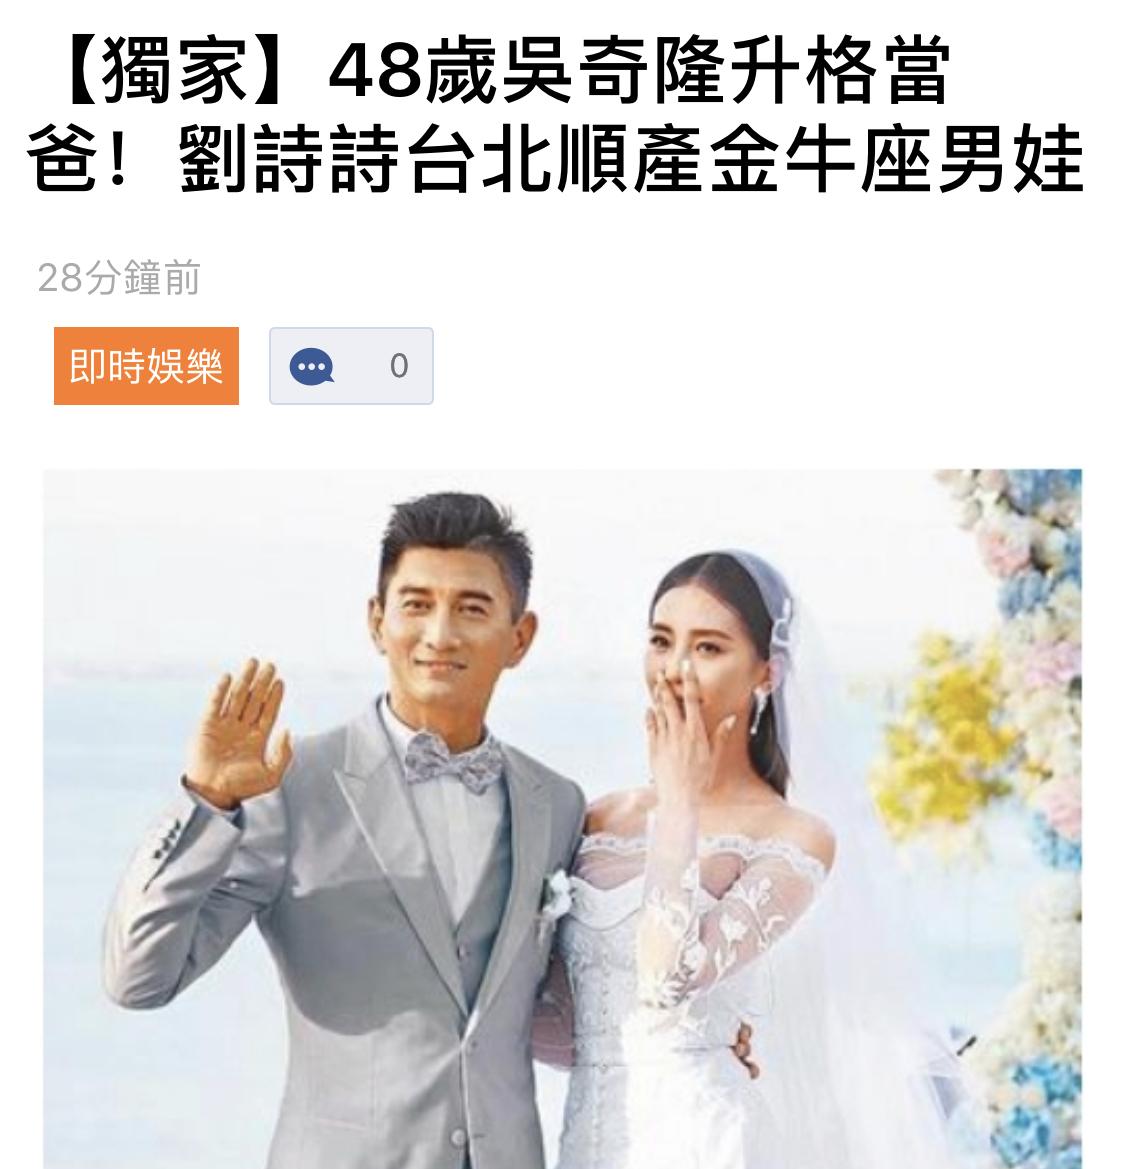 恭喜!48岁吴奇隆升格当爸 官宣刘诗诗生子喜讯